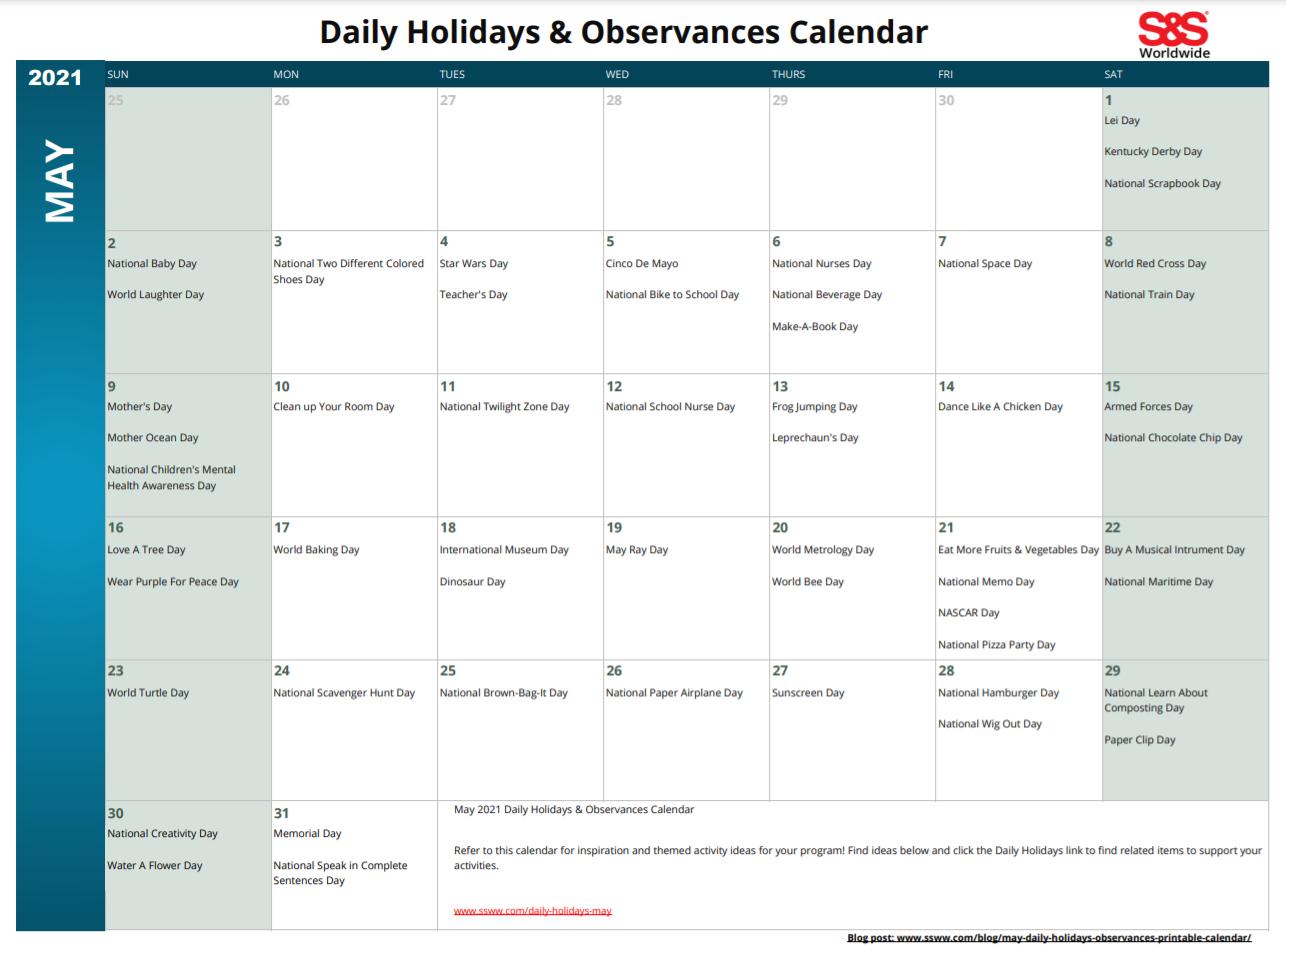 May Printable Daily Holidays Calendar 2021